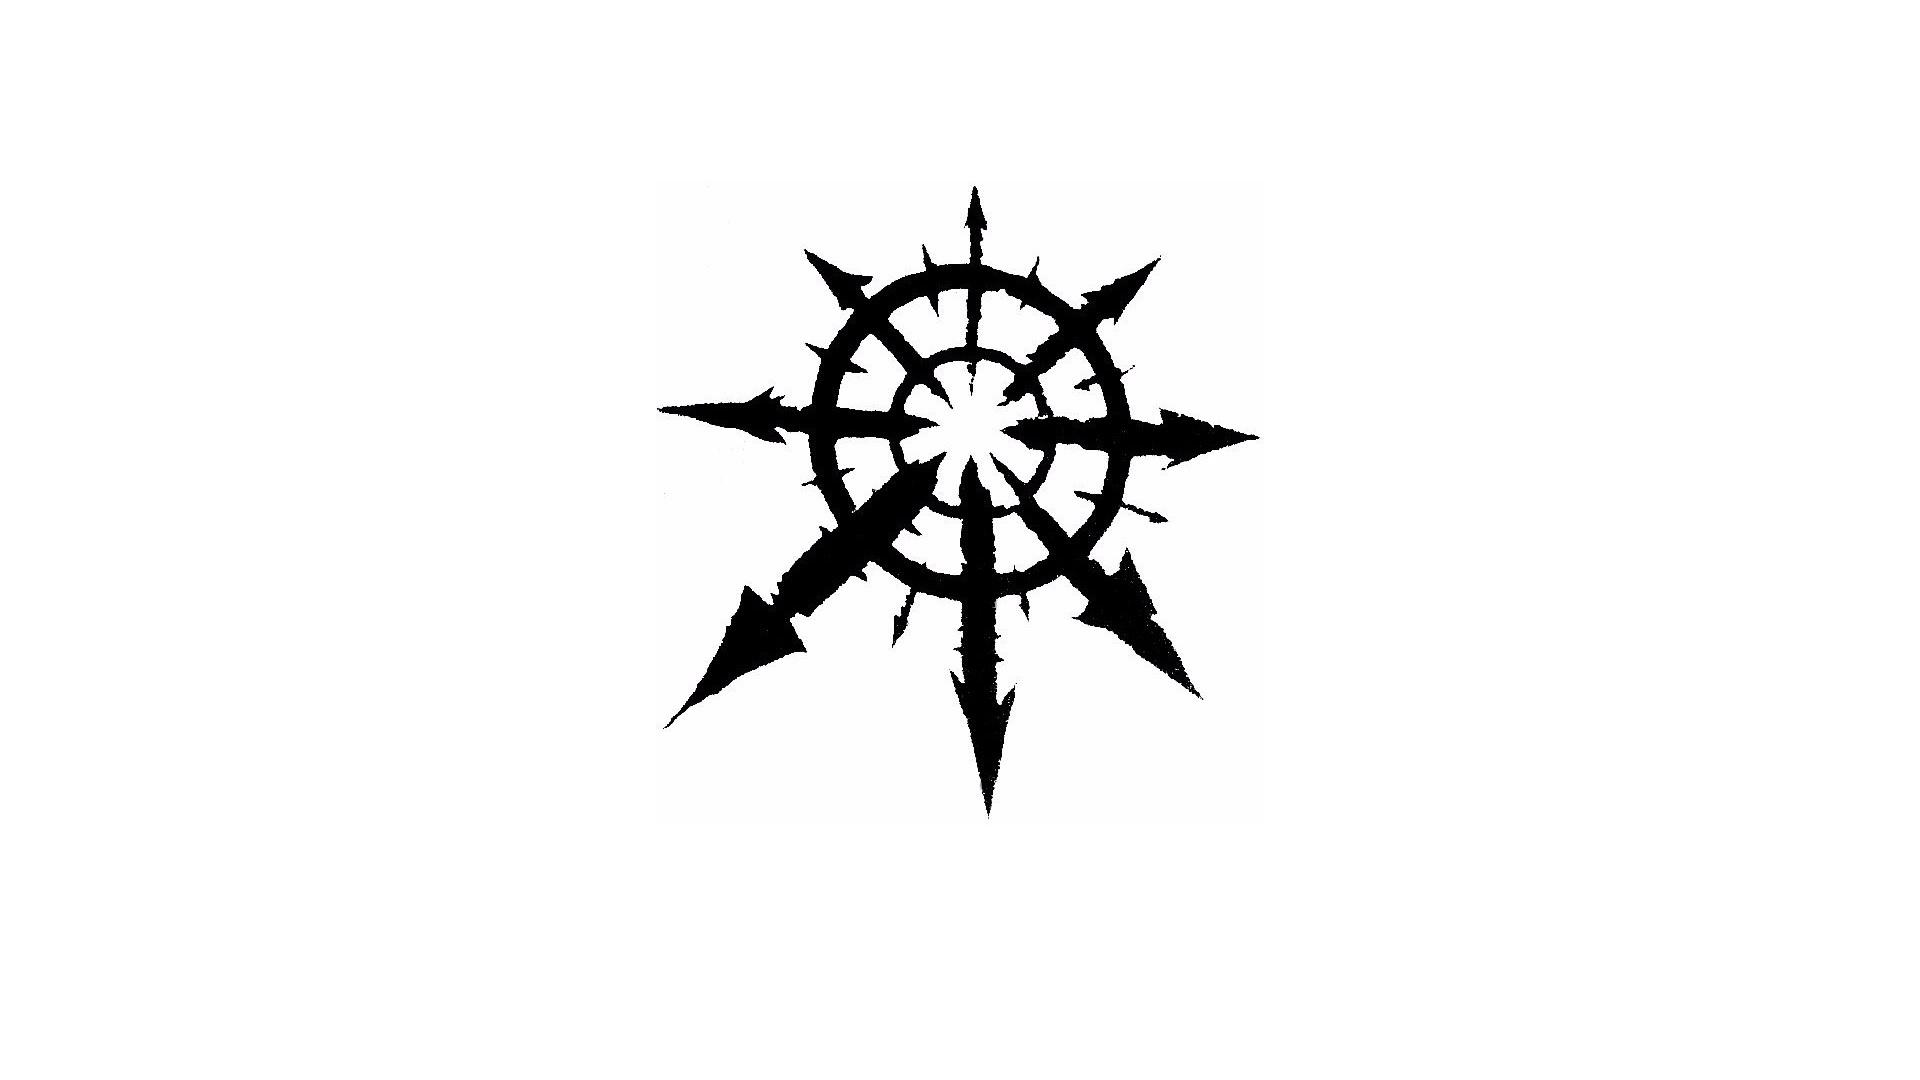 Эмблема хаоса картинки